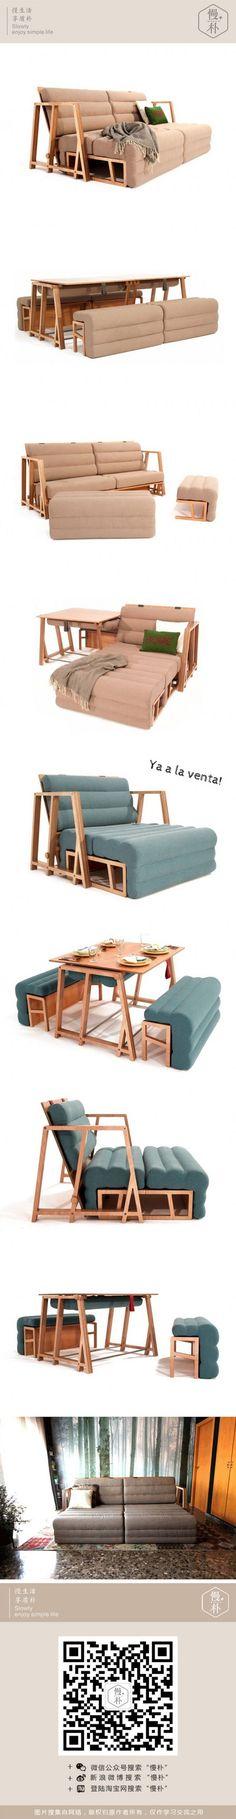 百变沙发 一张八人座的餐桌、一张带边桌的...